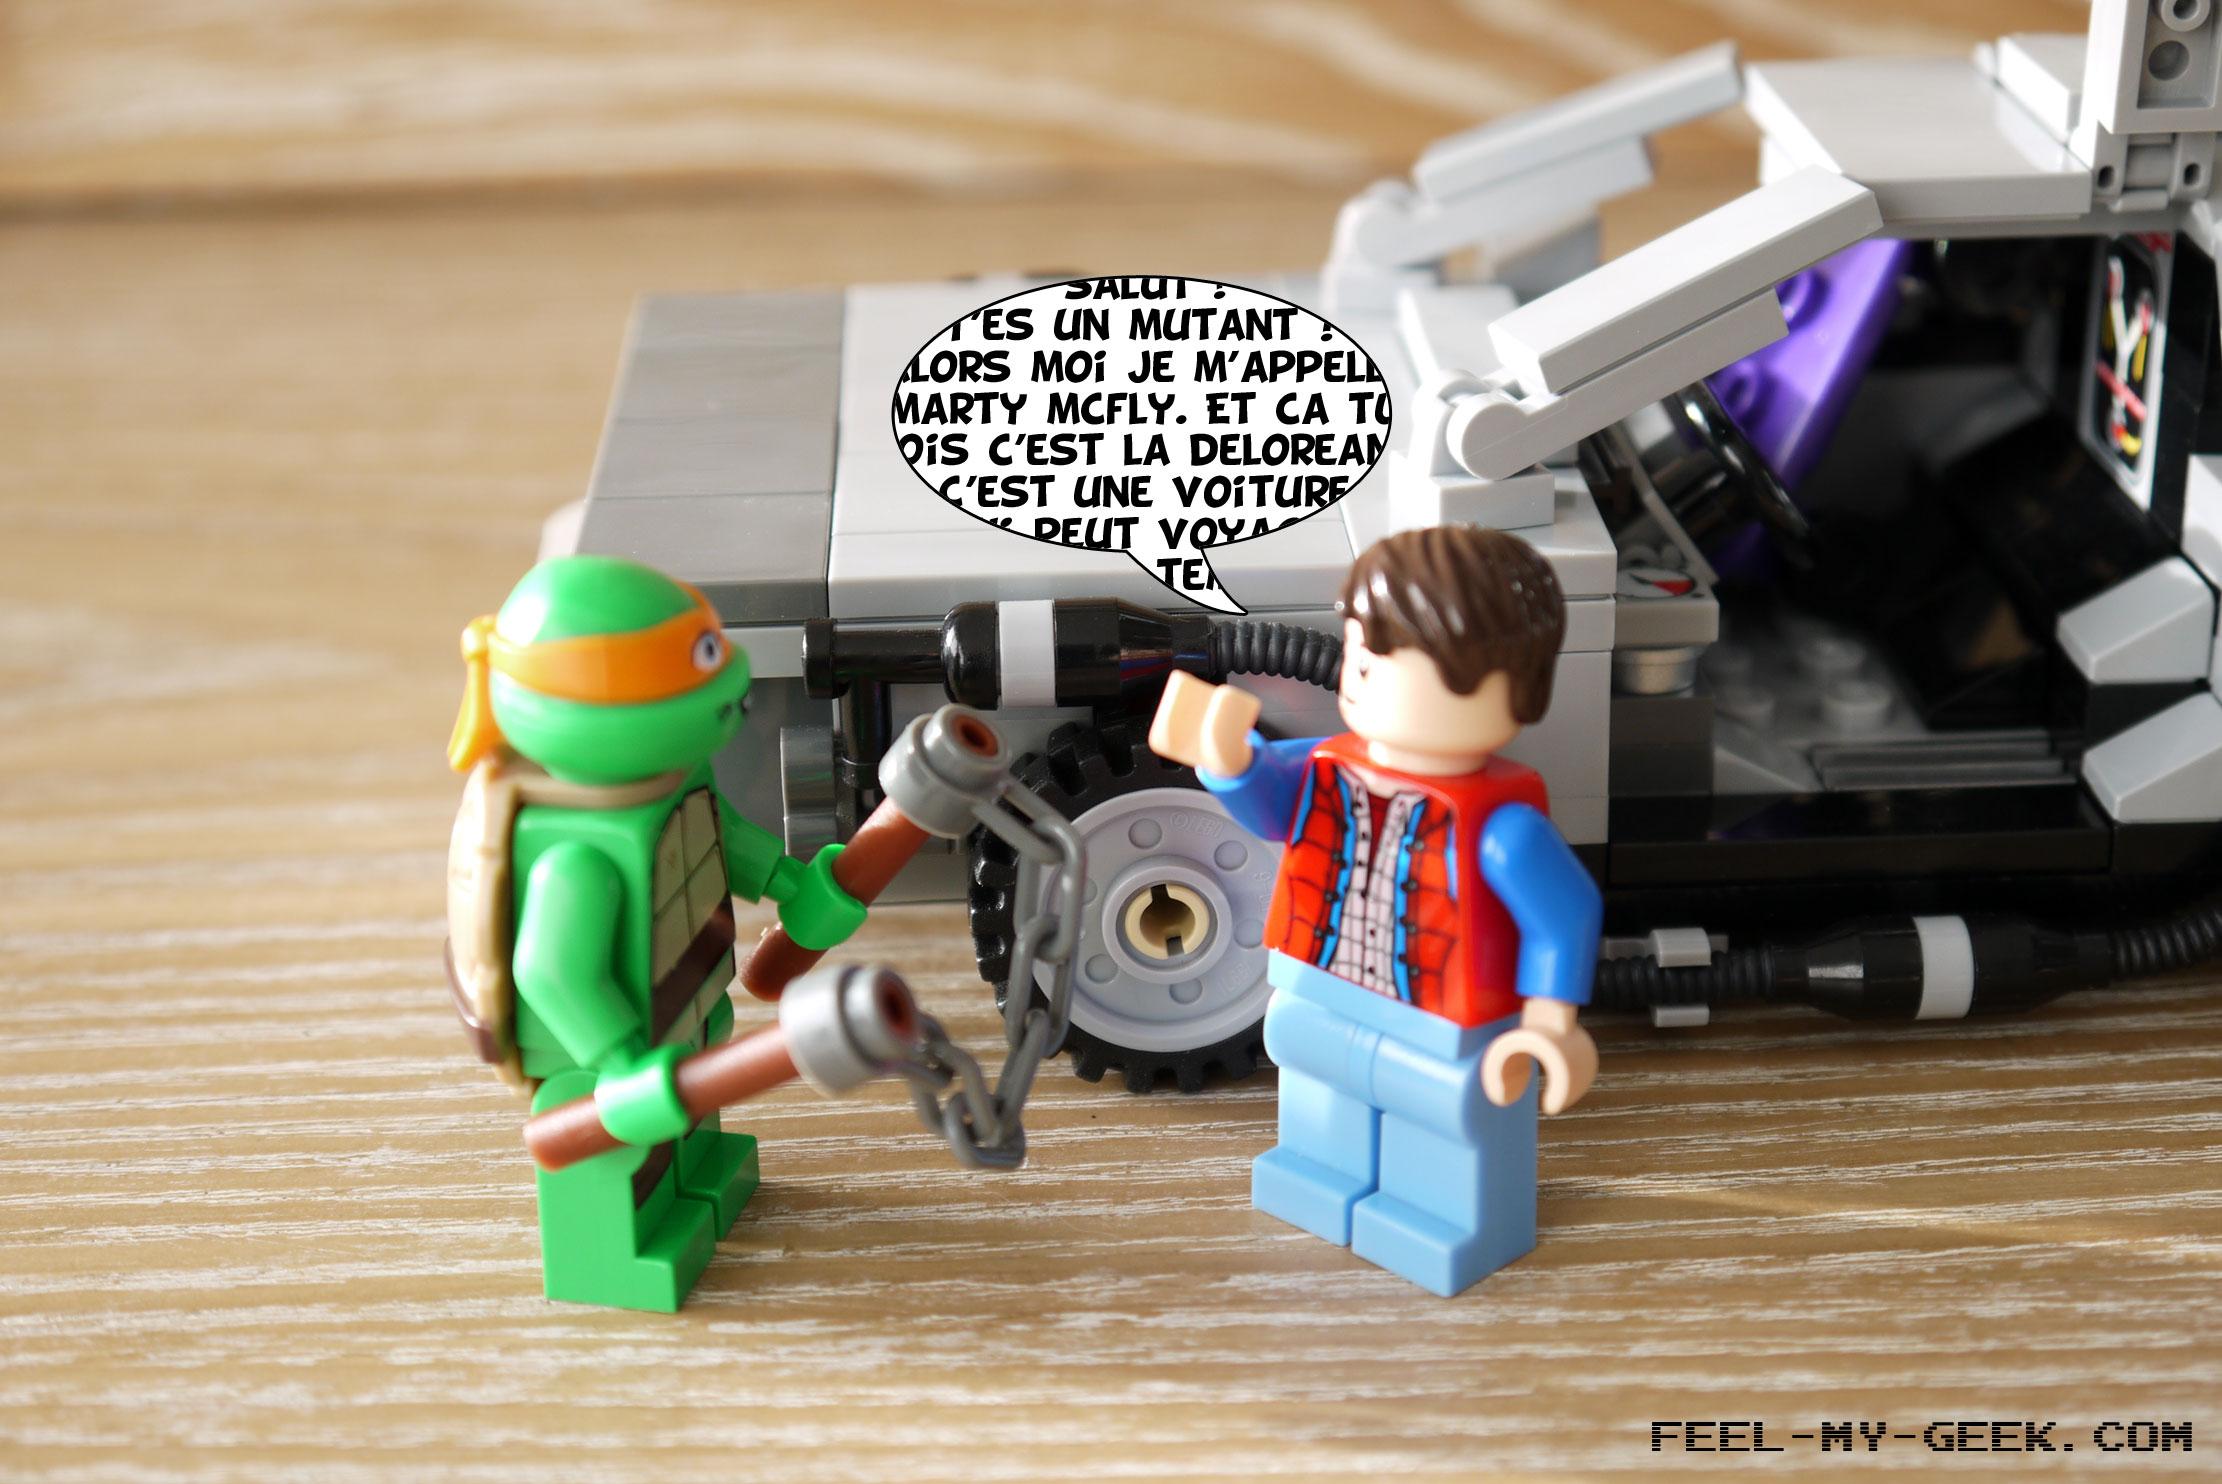 Le pauvre Marty McFly n'a aucune idée de ce qui l'attend...